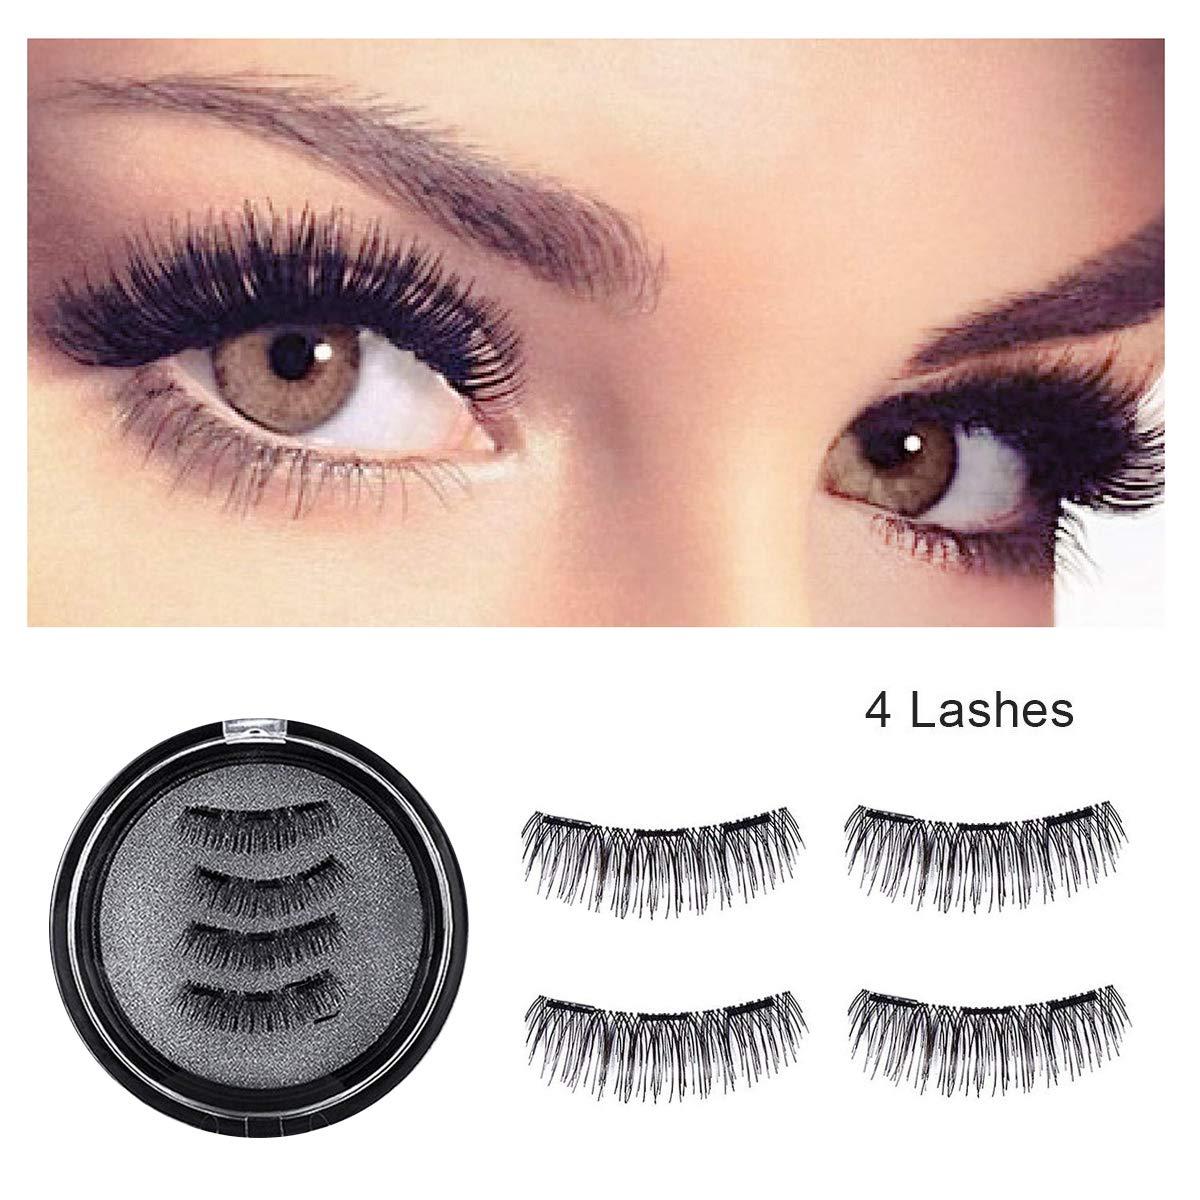 4fd6495bfa7 Magnetic False Eyelashes Three Magnets Reusable Fake Eye lashes Natural  Eyes Lash: Amazon.co.uk: Beauty